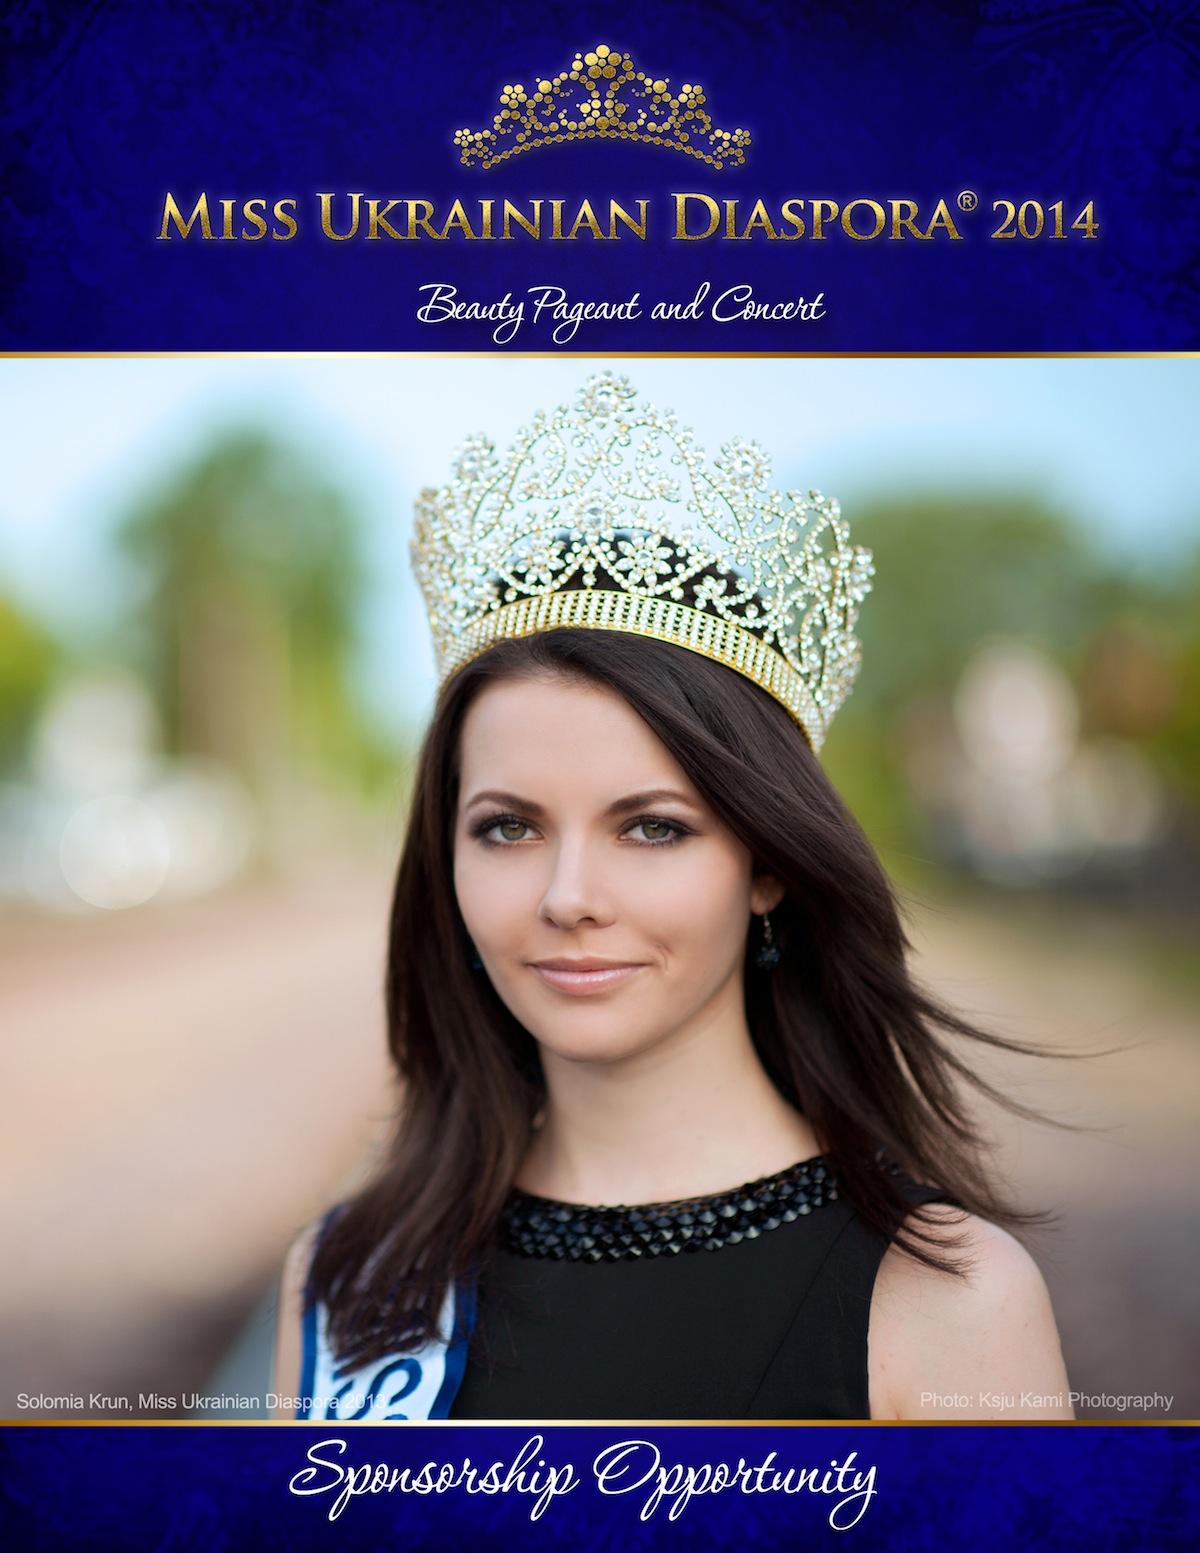 Sponsor-Miss_Ukrainian_Diaspora_2014 copy_Page_1